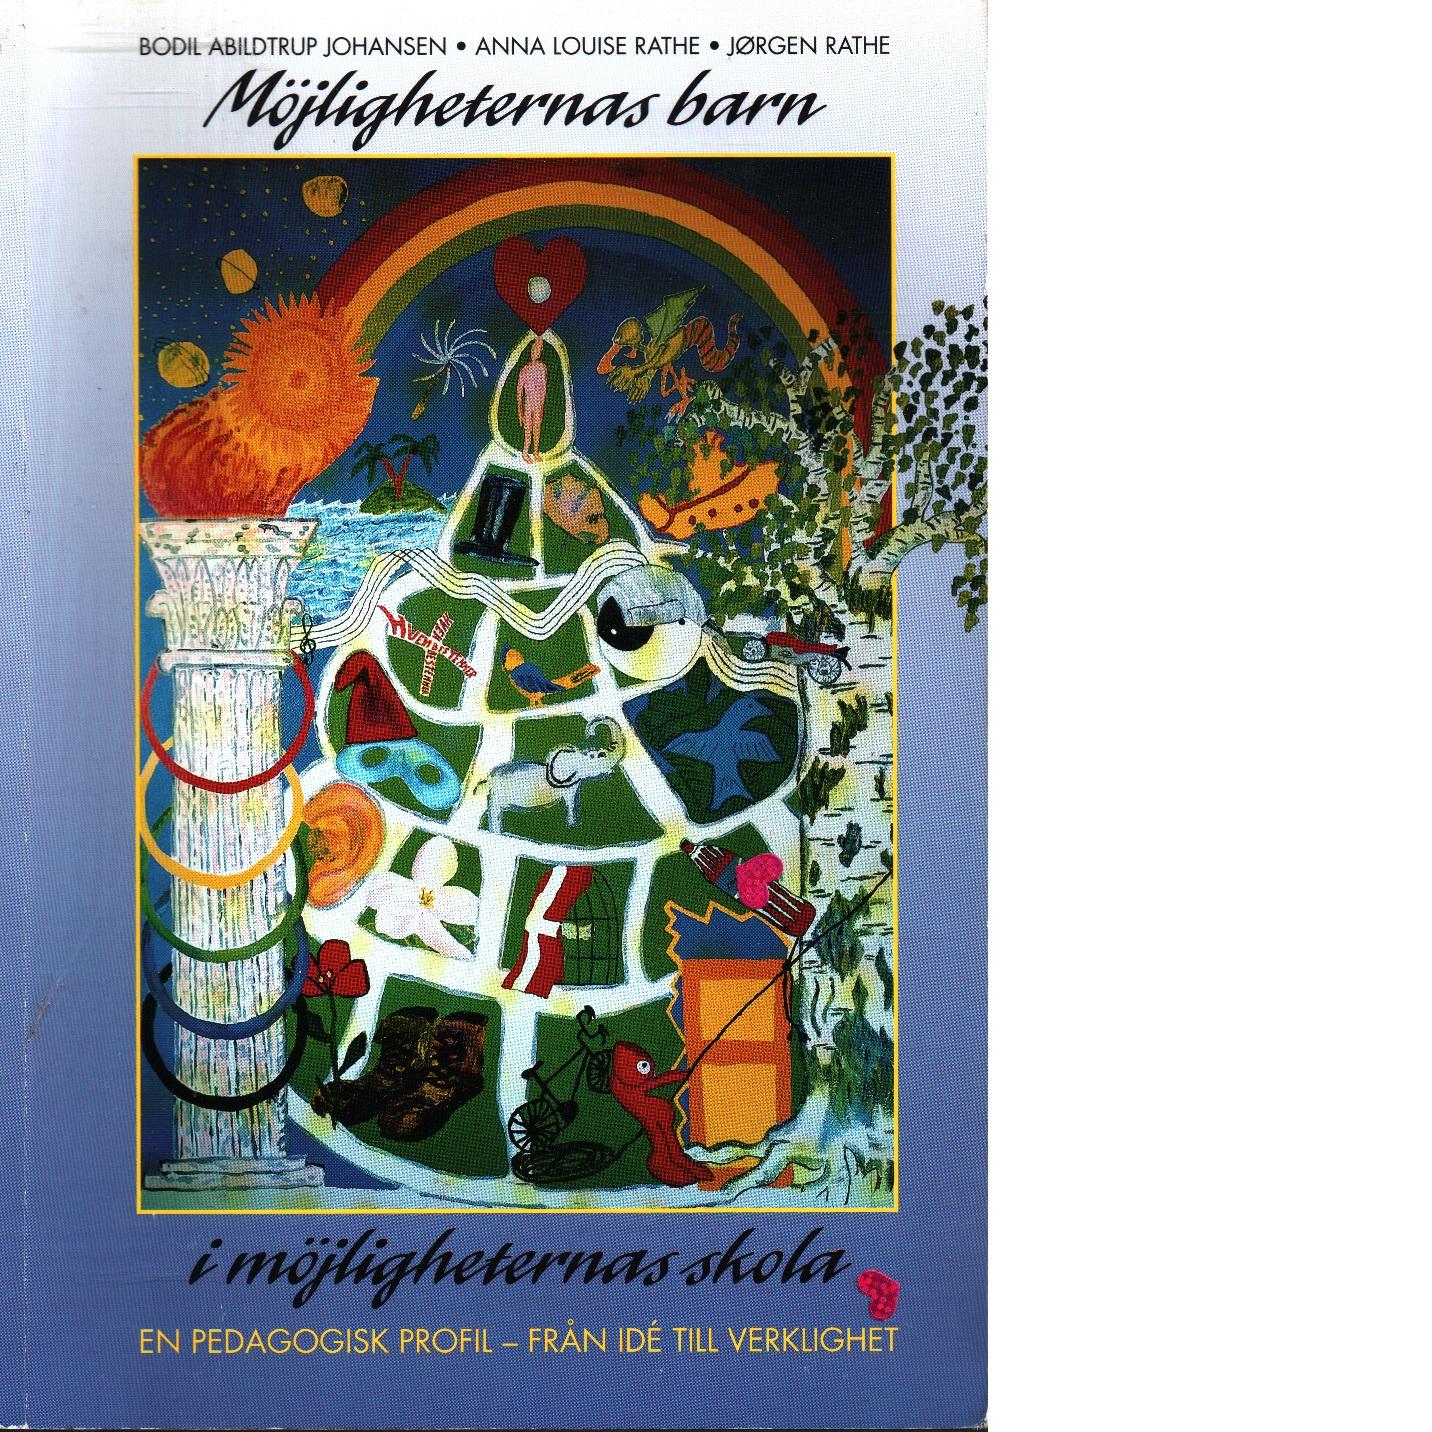 Möjligheternas barn i möjligheternas skola : en pedagogisk profil - från idé till verklighet - Abildtrup Johansen, Bodil och Rathe, Anna Louise  samt Rathe, Jørgen